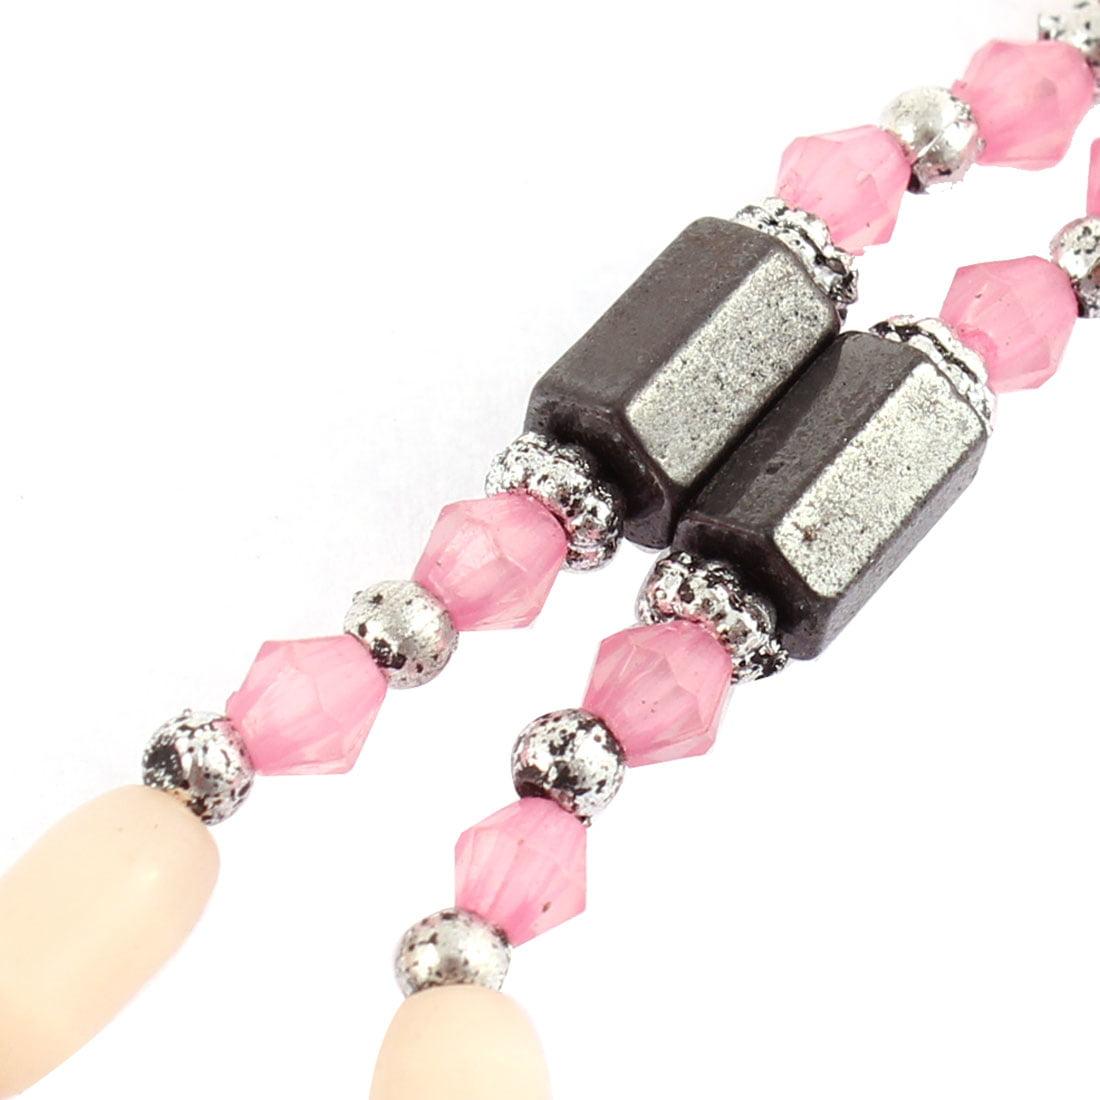 Lady Magnetic Hematite Bead Magnet Clasp Bracelet Choker Necklace Pink Black - image 1 de 3